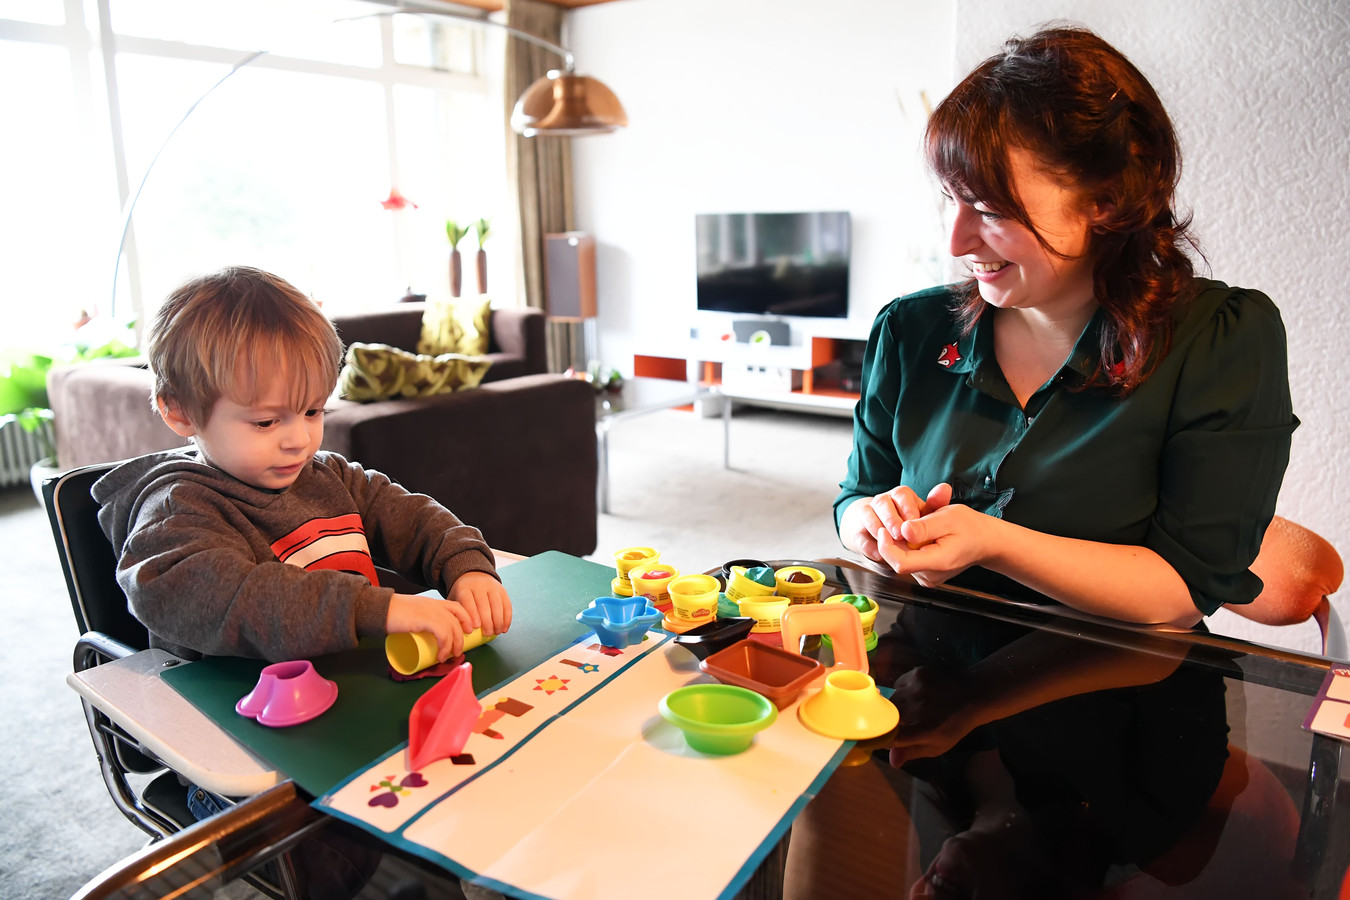 Janine Nelemans heeft een kapperszaak in Hooge Zwaluwe en is nu aan het chillen met haar gezin en een stoel aan het bekleden, samen met zoon Vince.